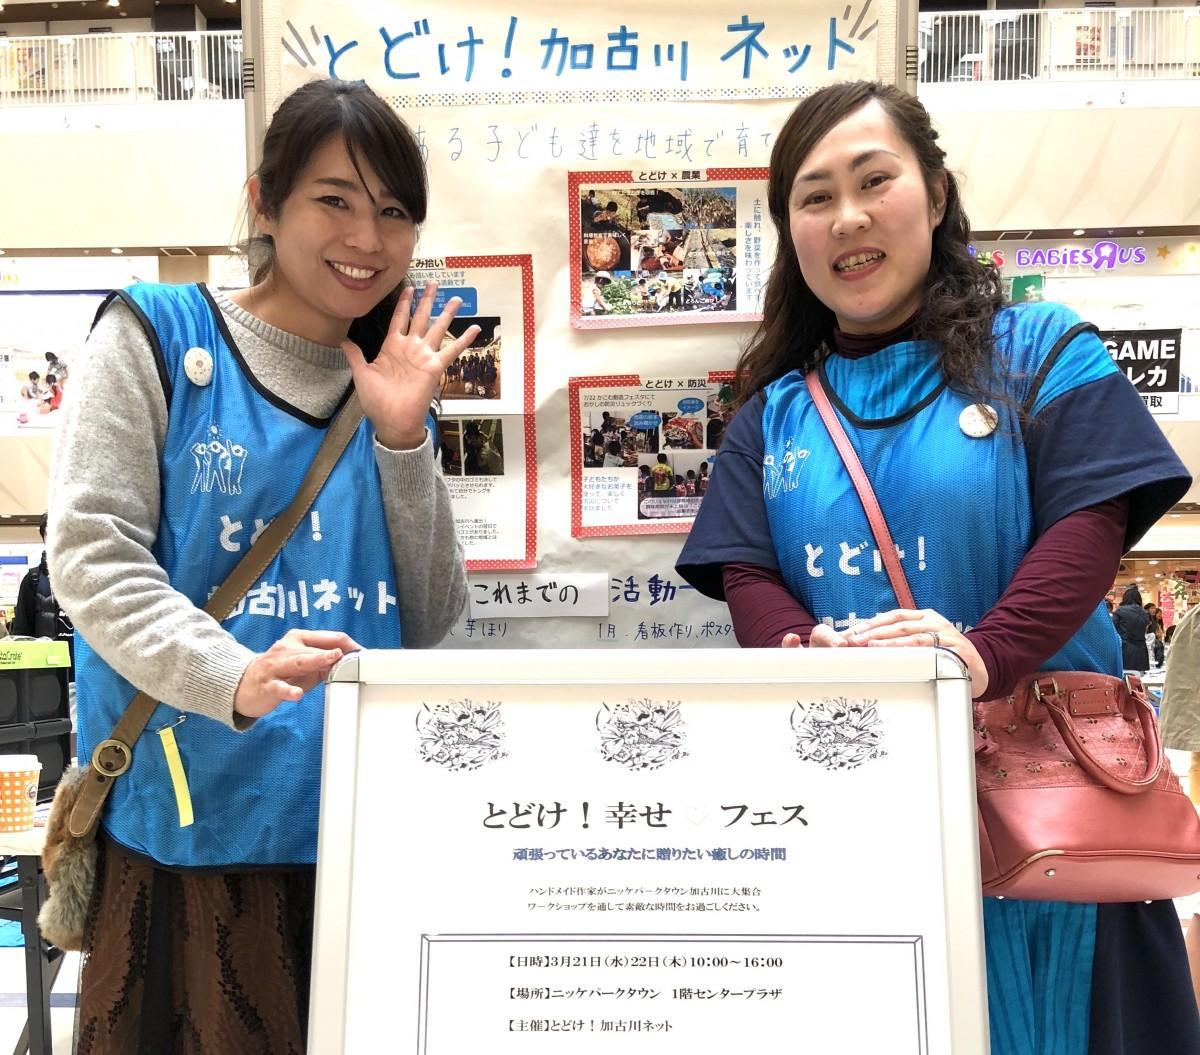 「とどけ!加古川ネット」の井上恭子さん(左)と宮本絵里子さん(右)